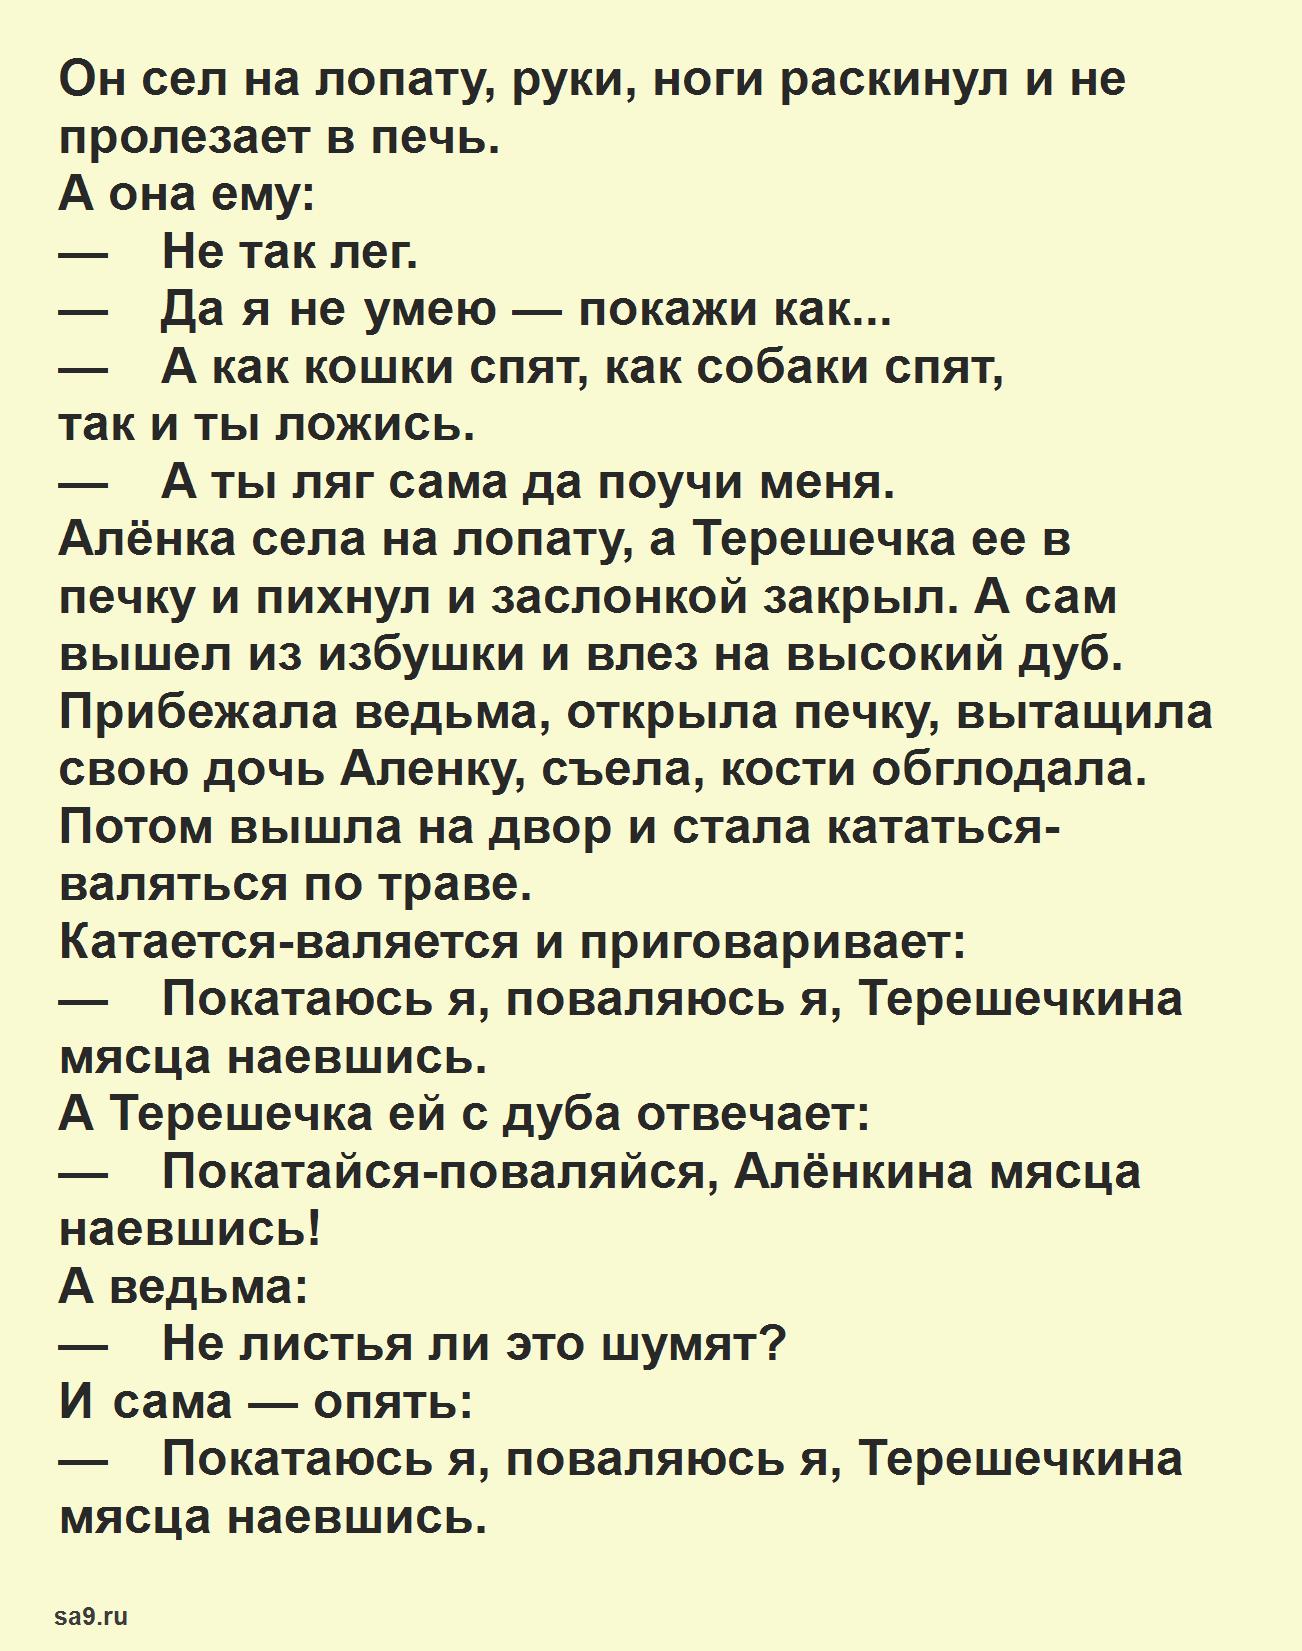 Терешечка - русская народная сказка, читать полностью